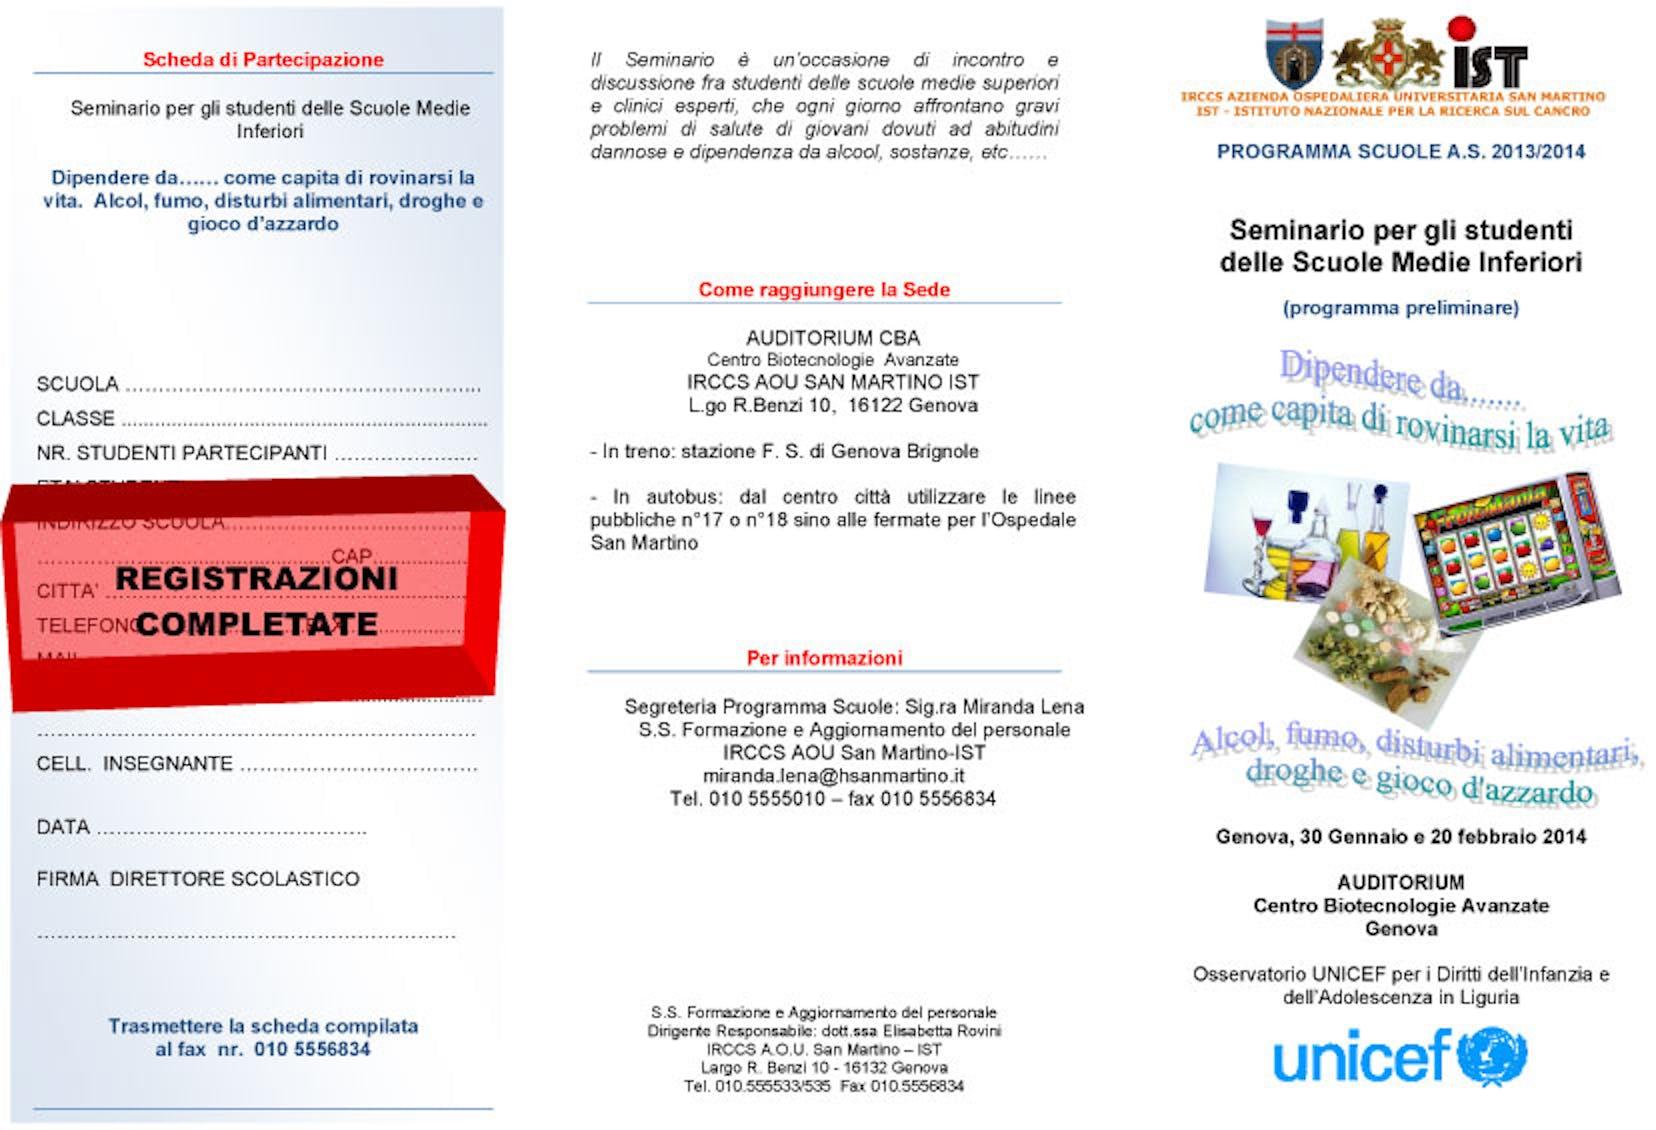 Genova: riproposto il seminario sull'educazione alla salute per minori